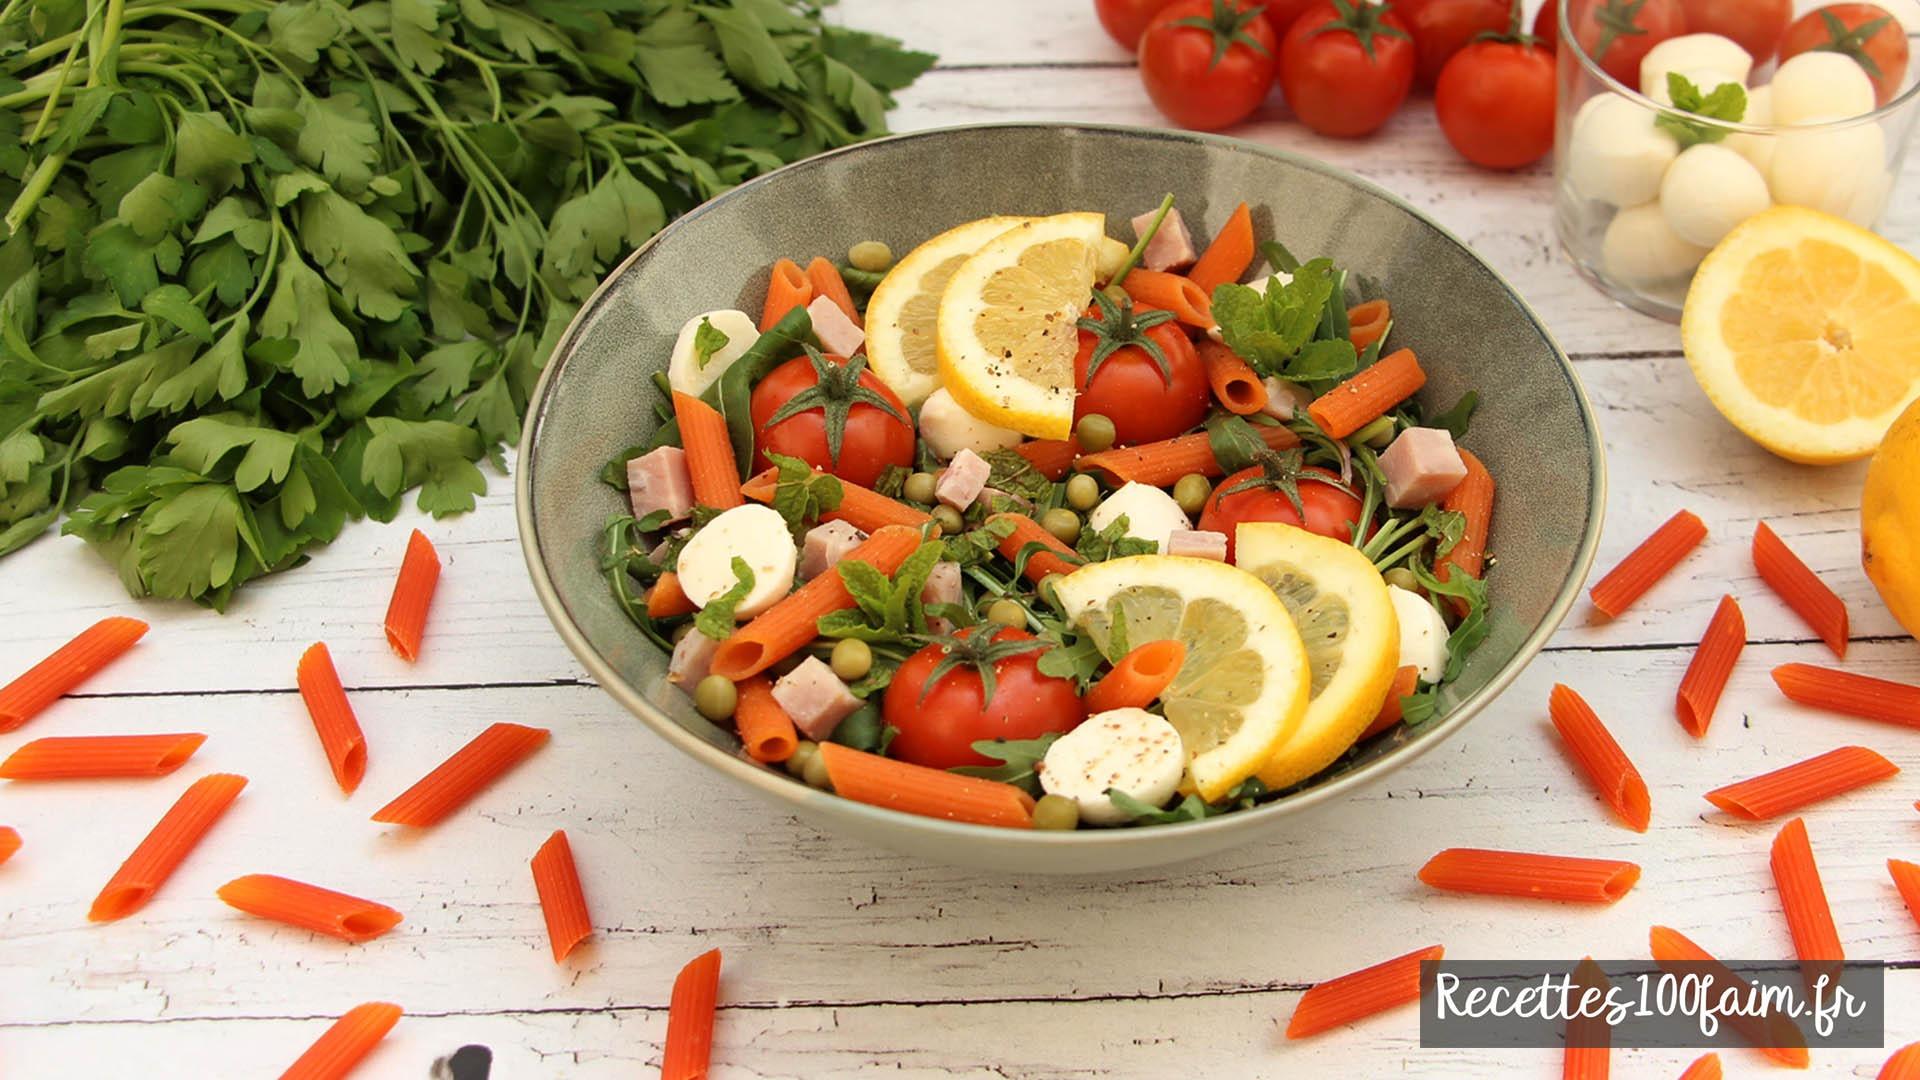 recette salade pates jambon tomate